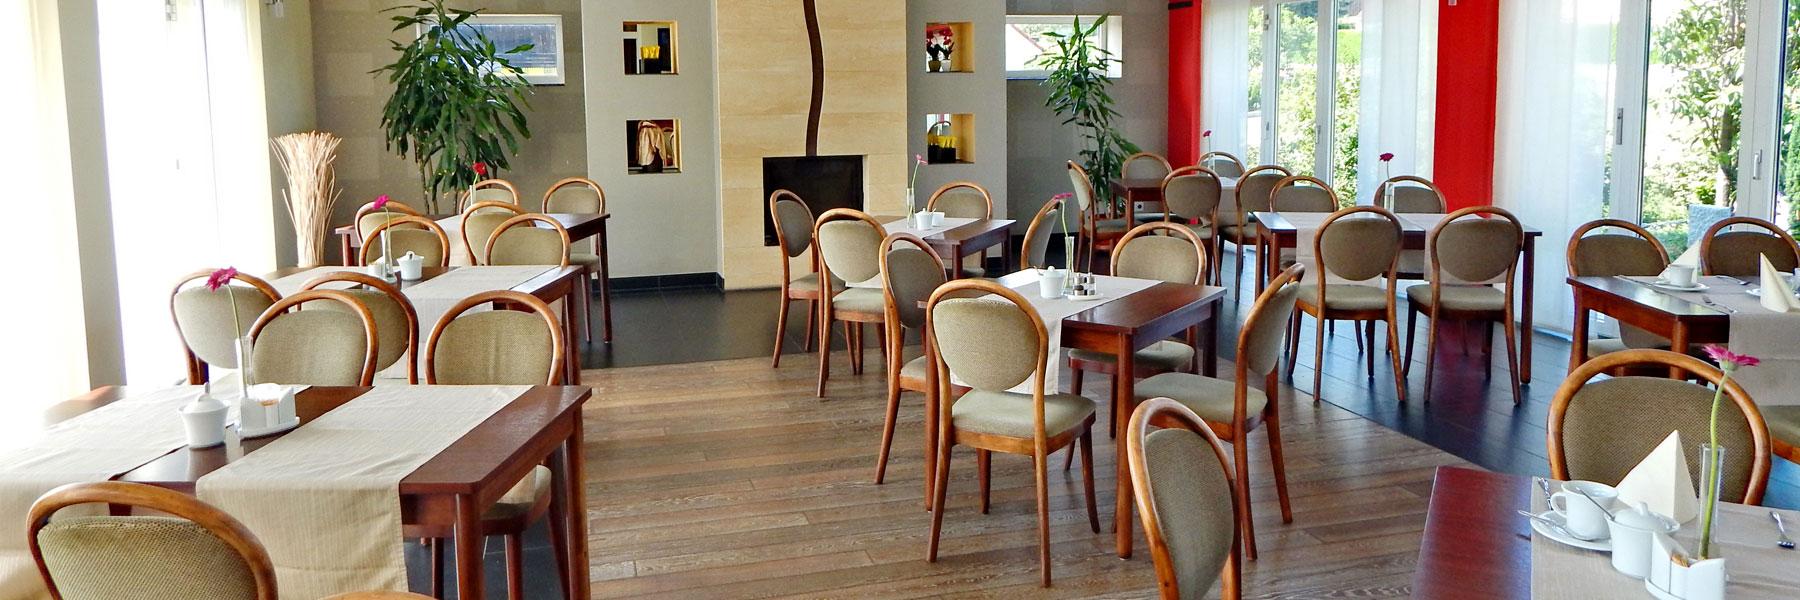 Restaurant - Hotel Eleganz